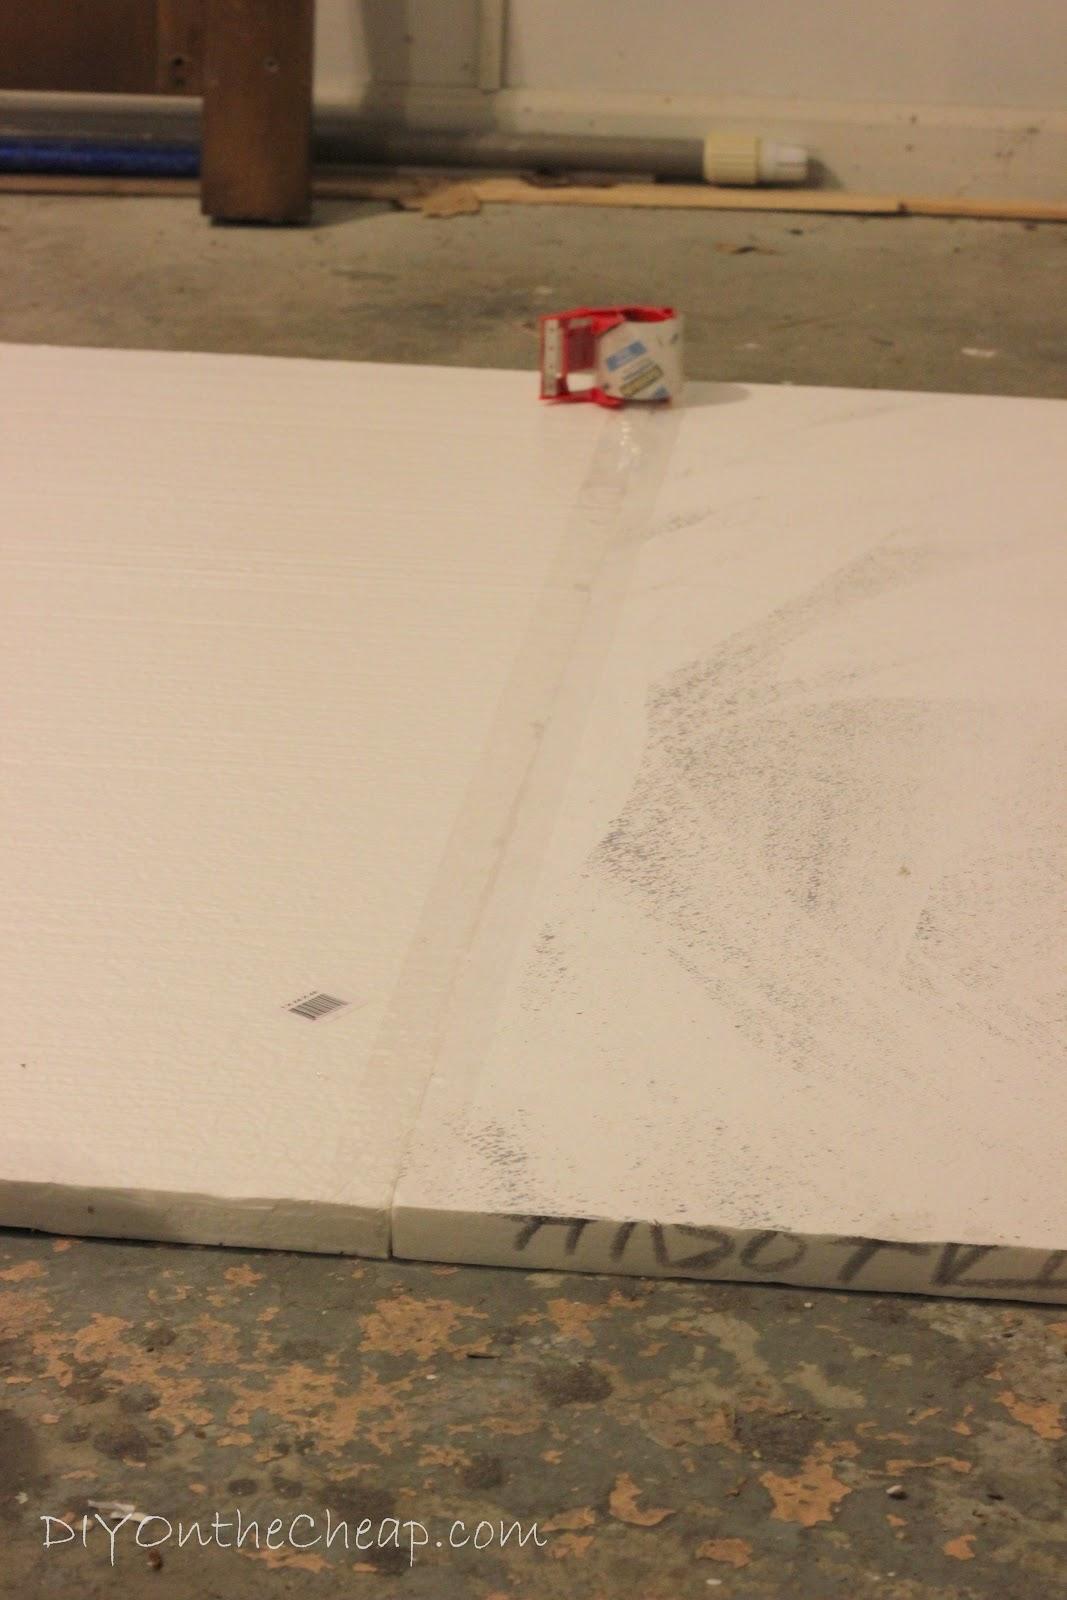 http://2.bp.blogspot.com/--op0hiCg6Hk/T9pmrCqKfvI/AAAAAAAABgI/3TpTARl7fic/s1600/quatrefoil+wall+art+process5.jpg